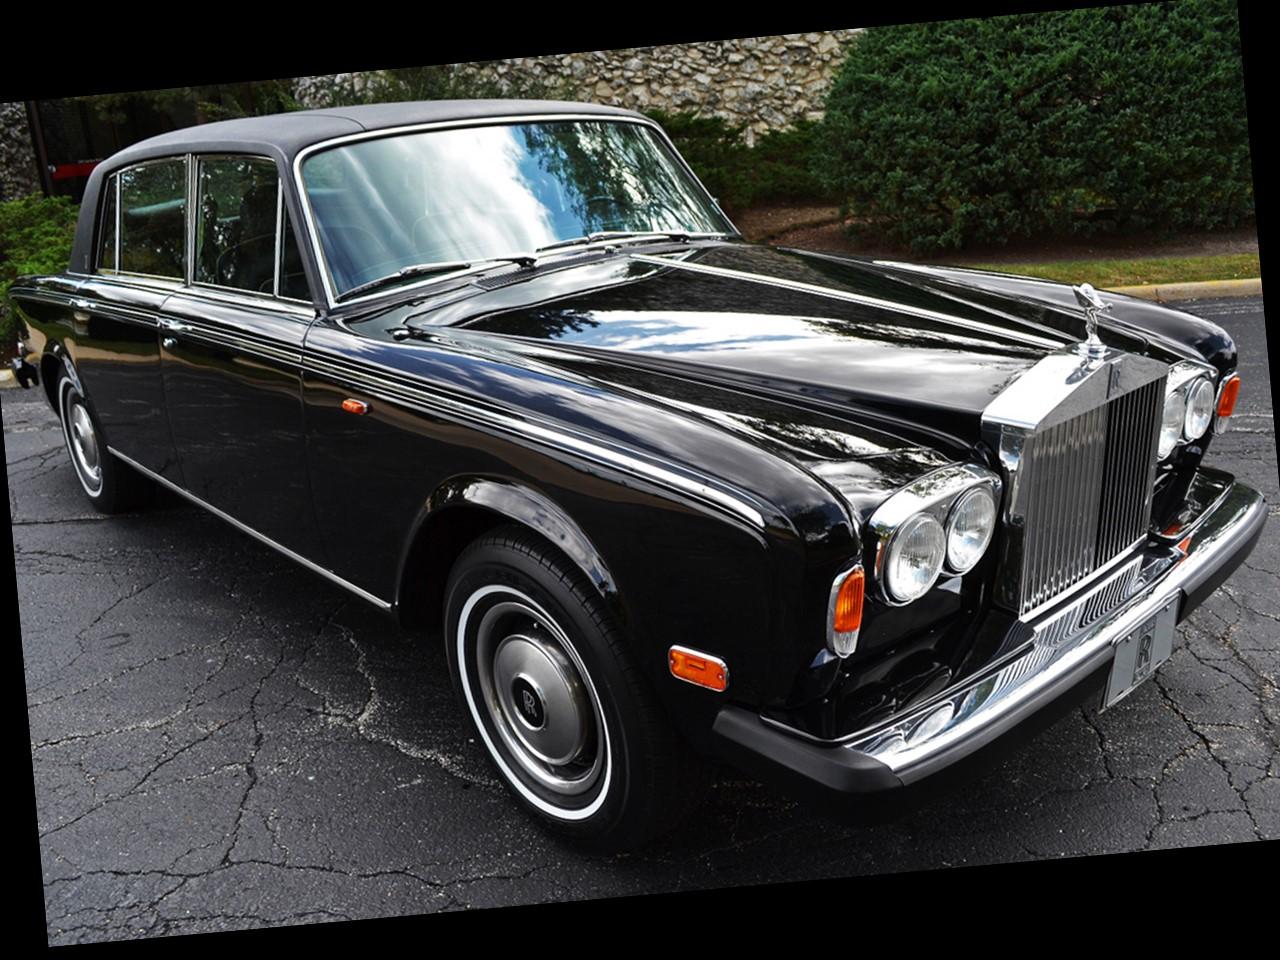 1980 Silver Wraith II 4-dooe saloon 3